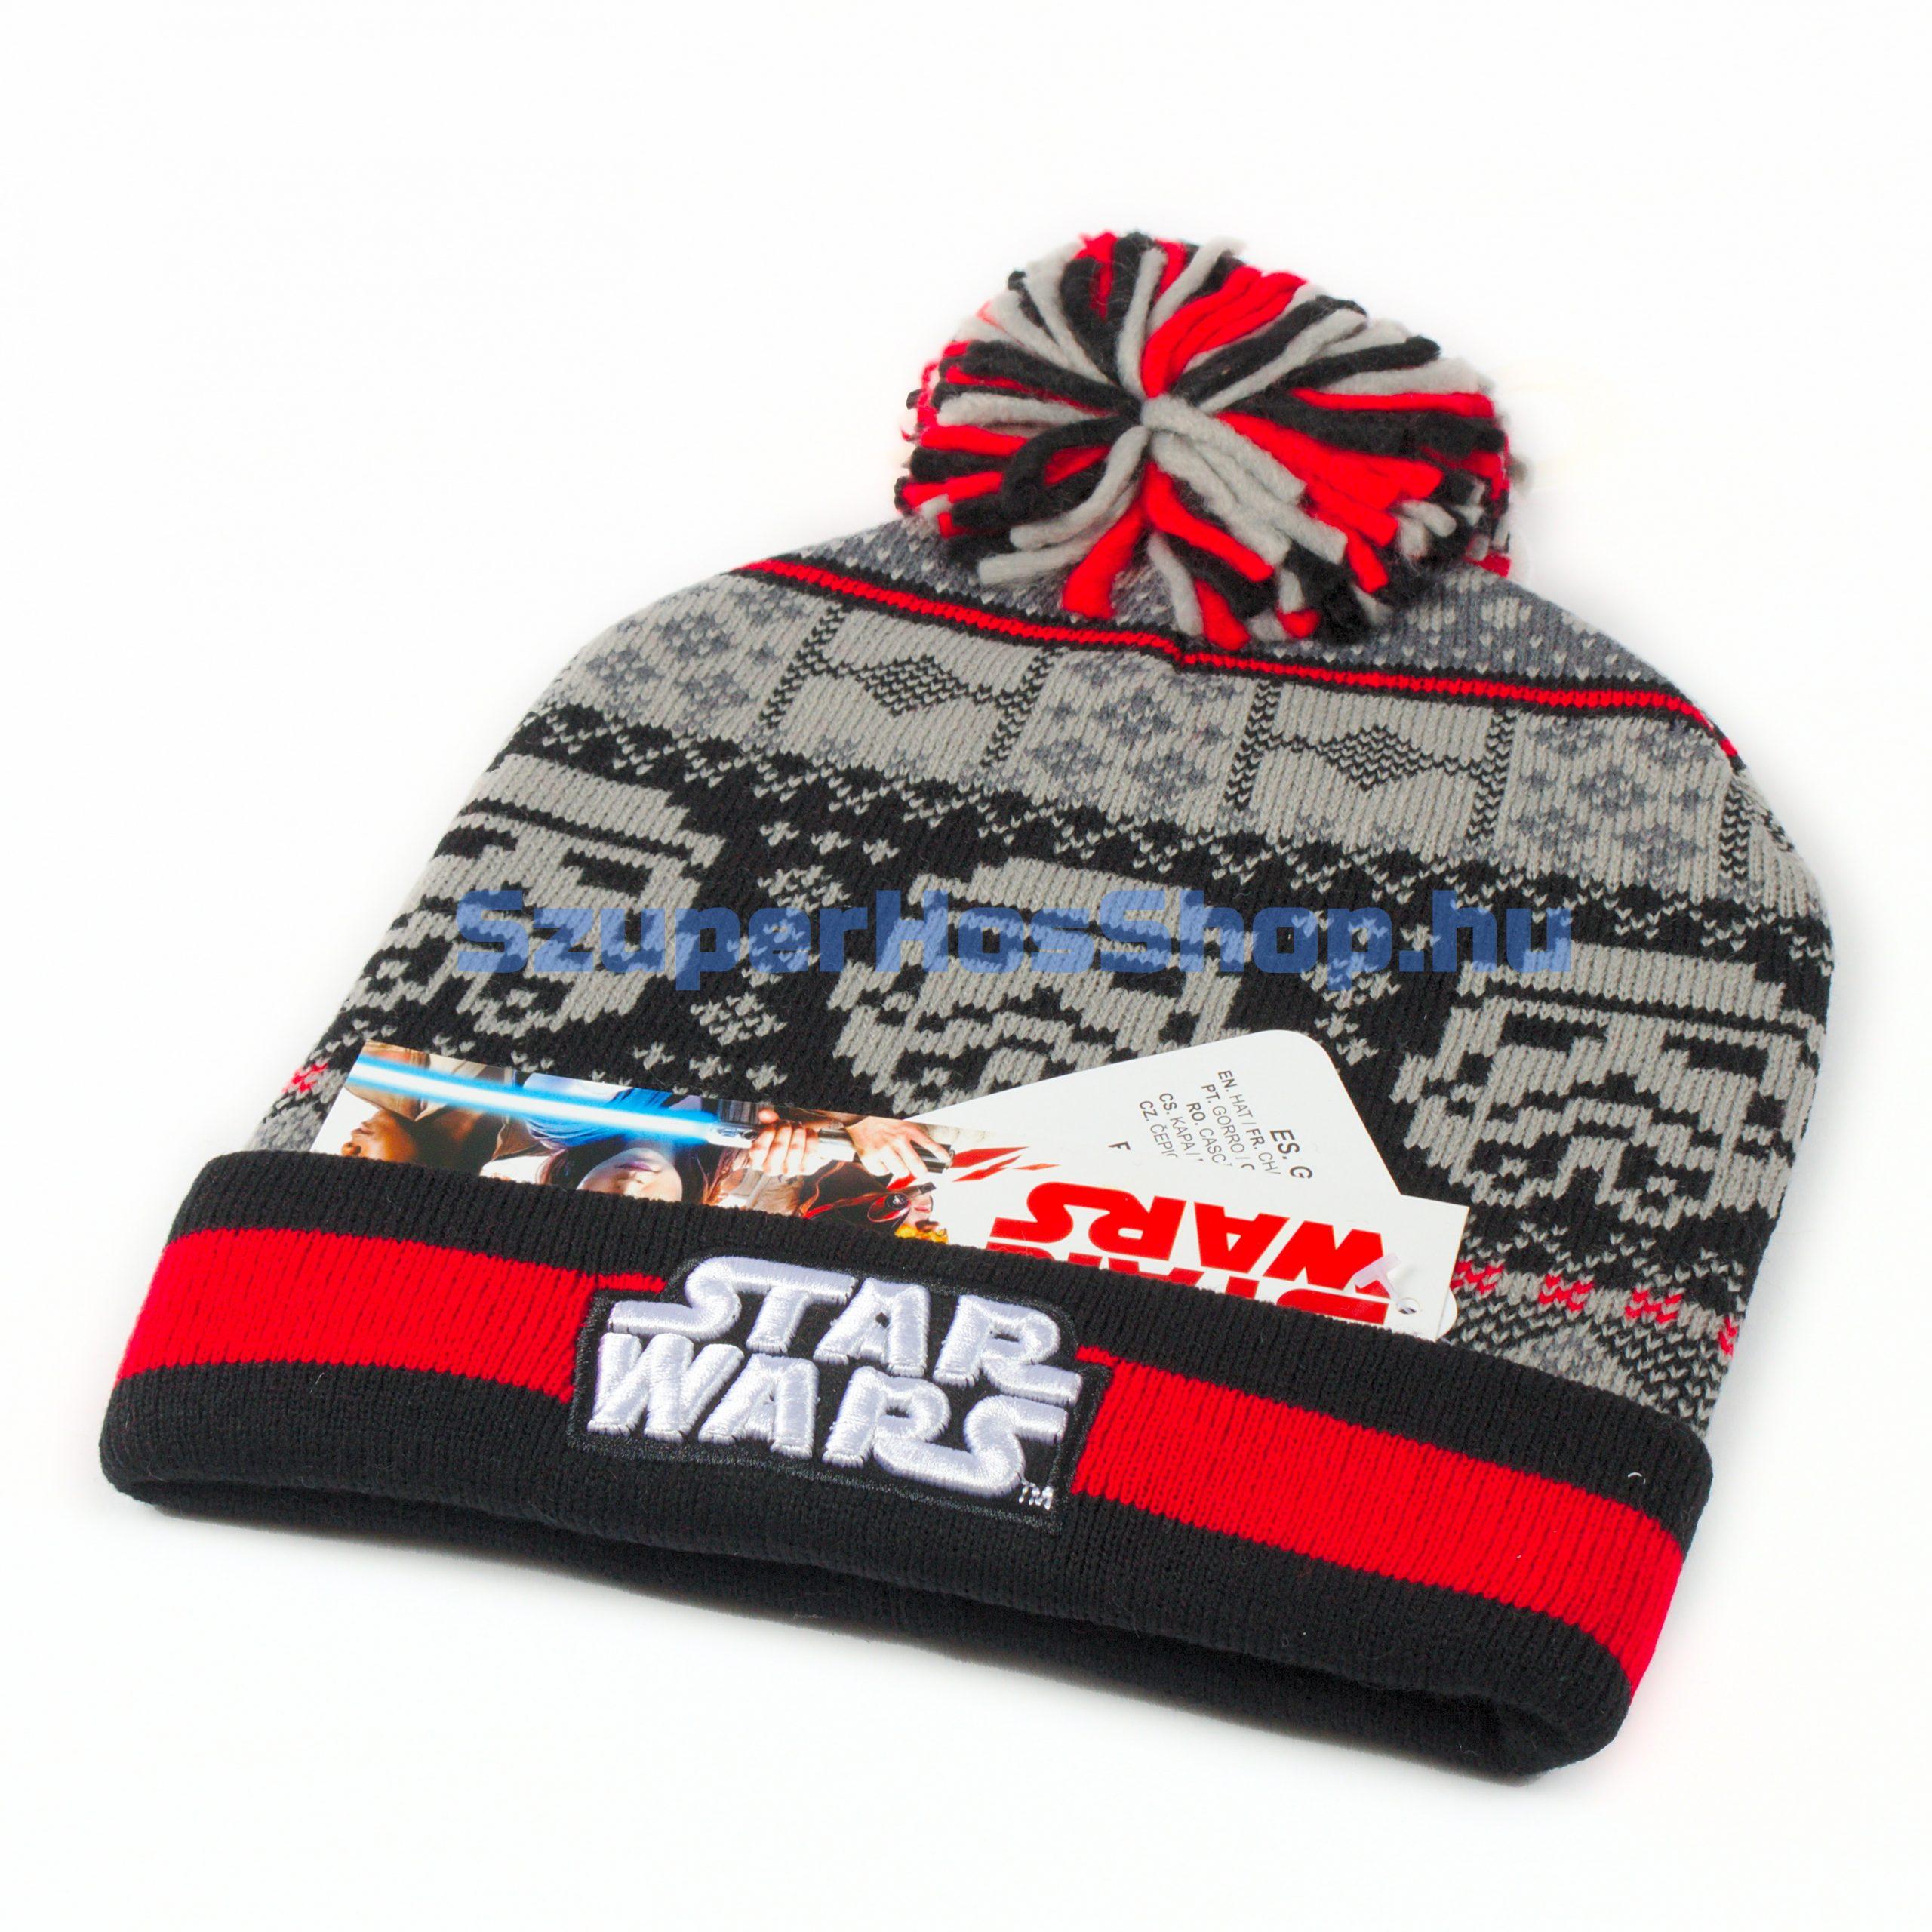 Star Wars sapka